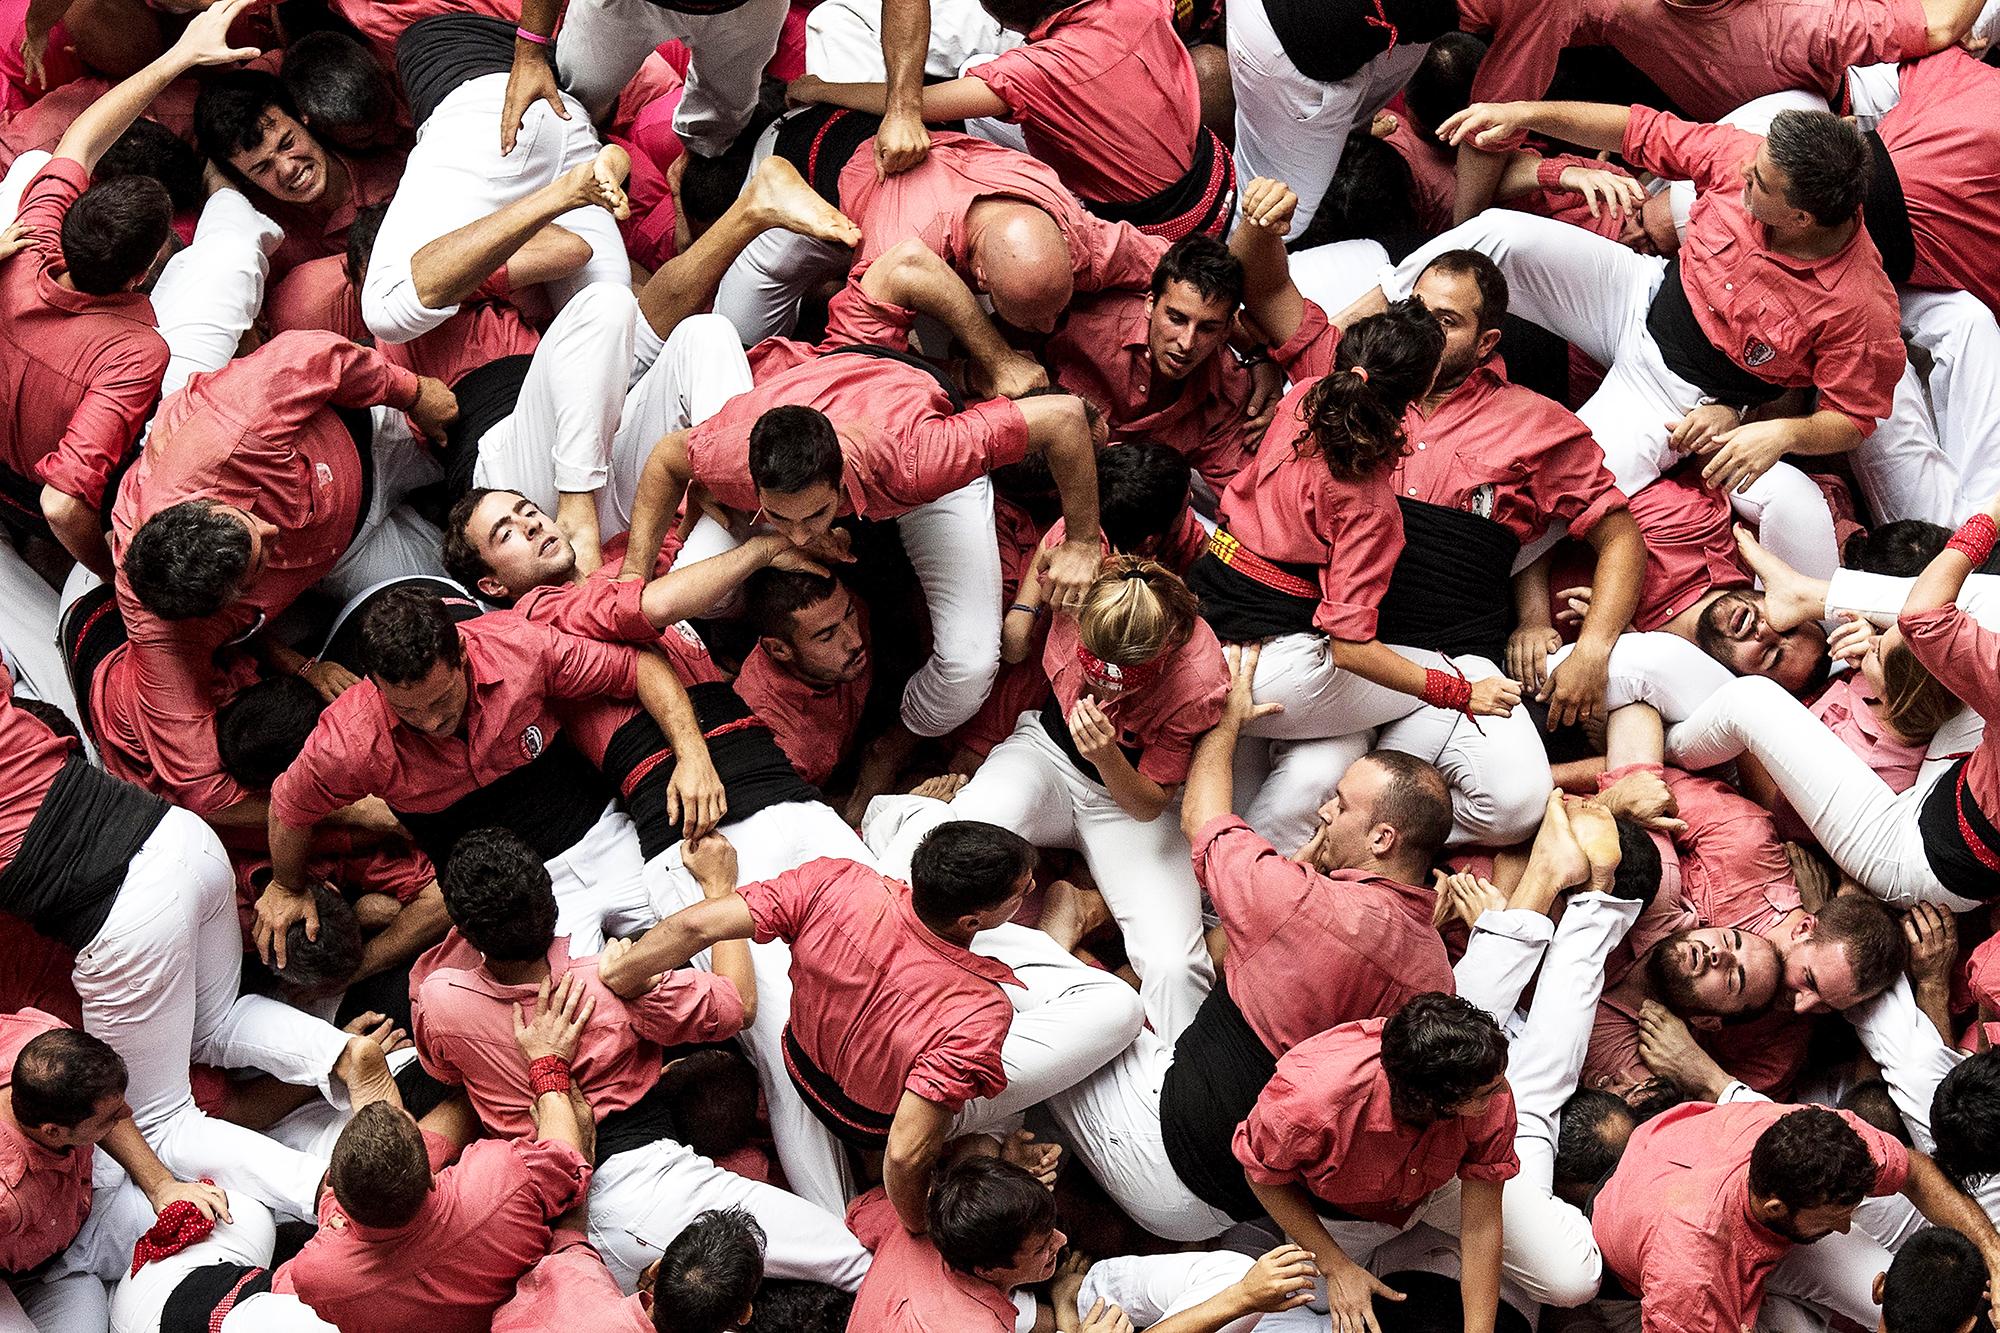 Members of  Vella de Valls  fall down in Tarragona, Spain, on Oct. 2, 2016.